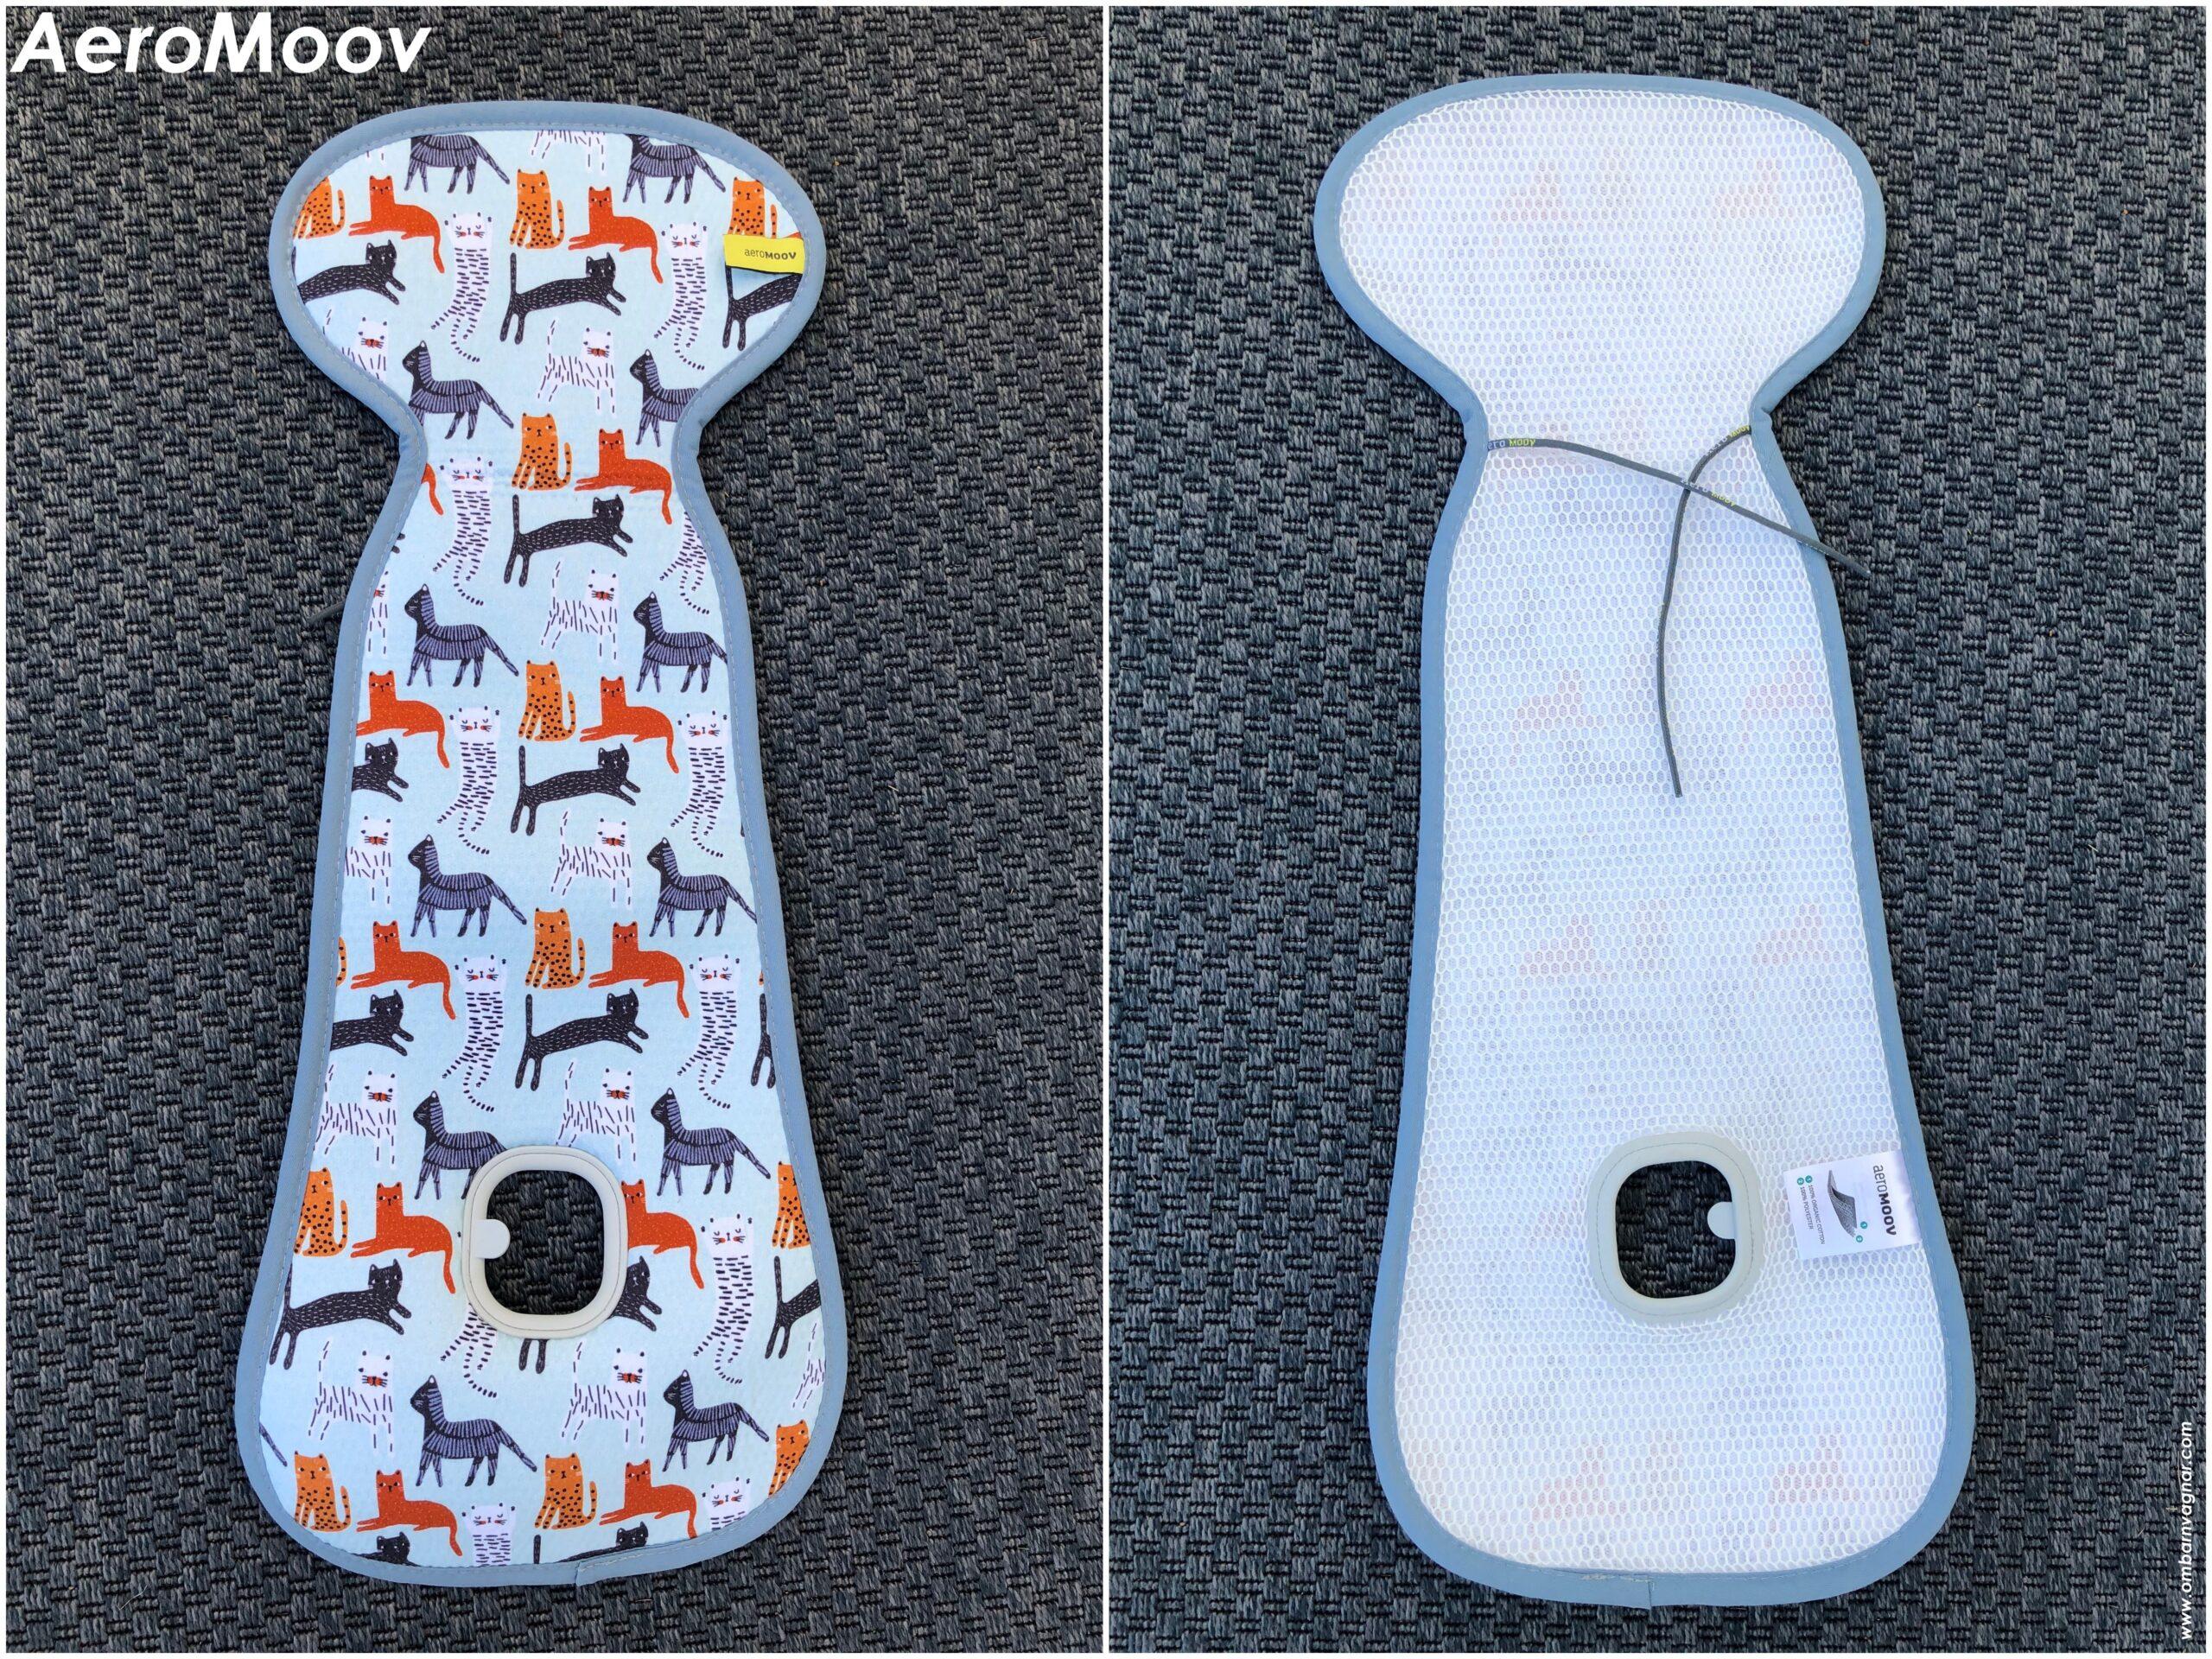 Recension av AeroMoov Svalkande sittdyna för barnvagn